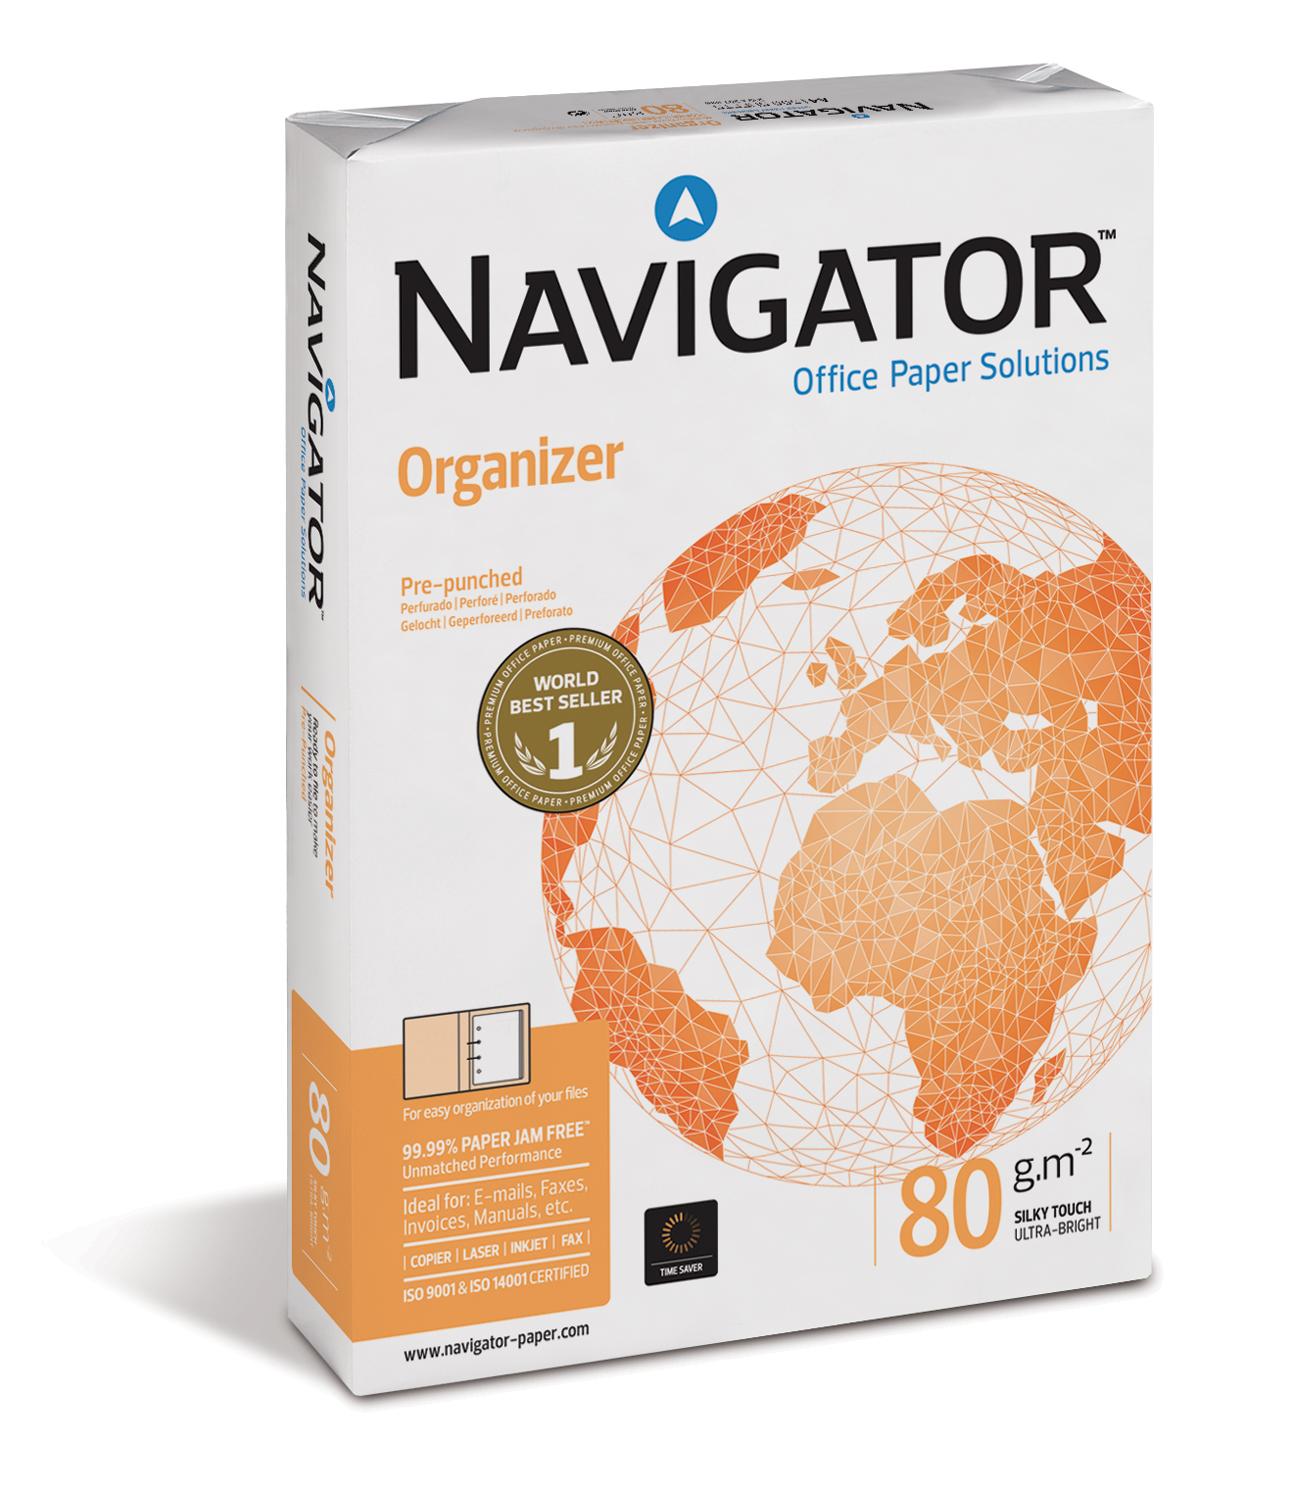 Vorschau: Navigator Organizer 80g/m² DIN-A4 - 2-fach gelocht